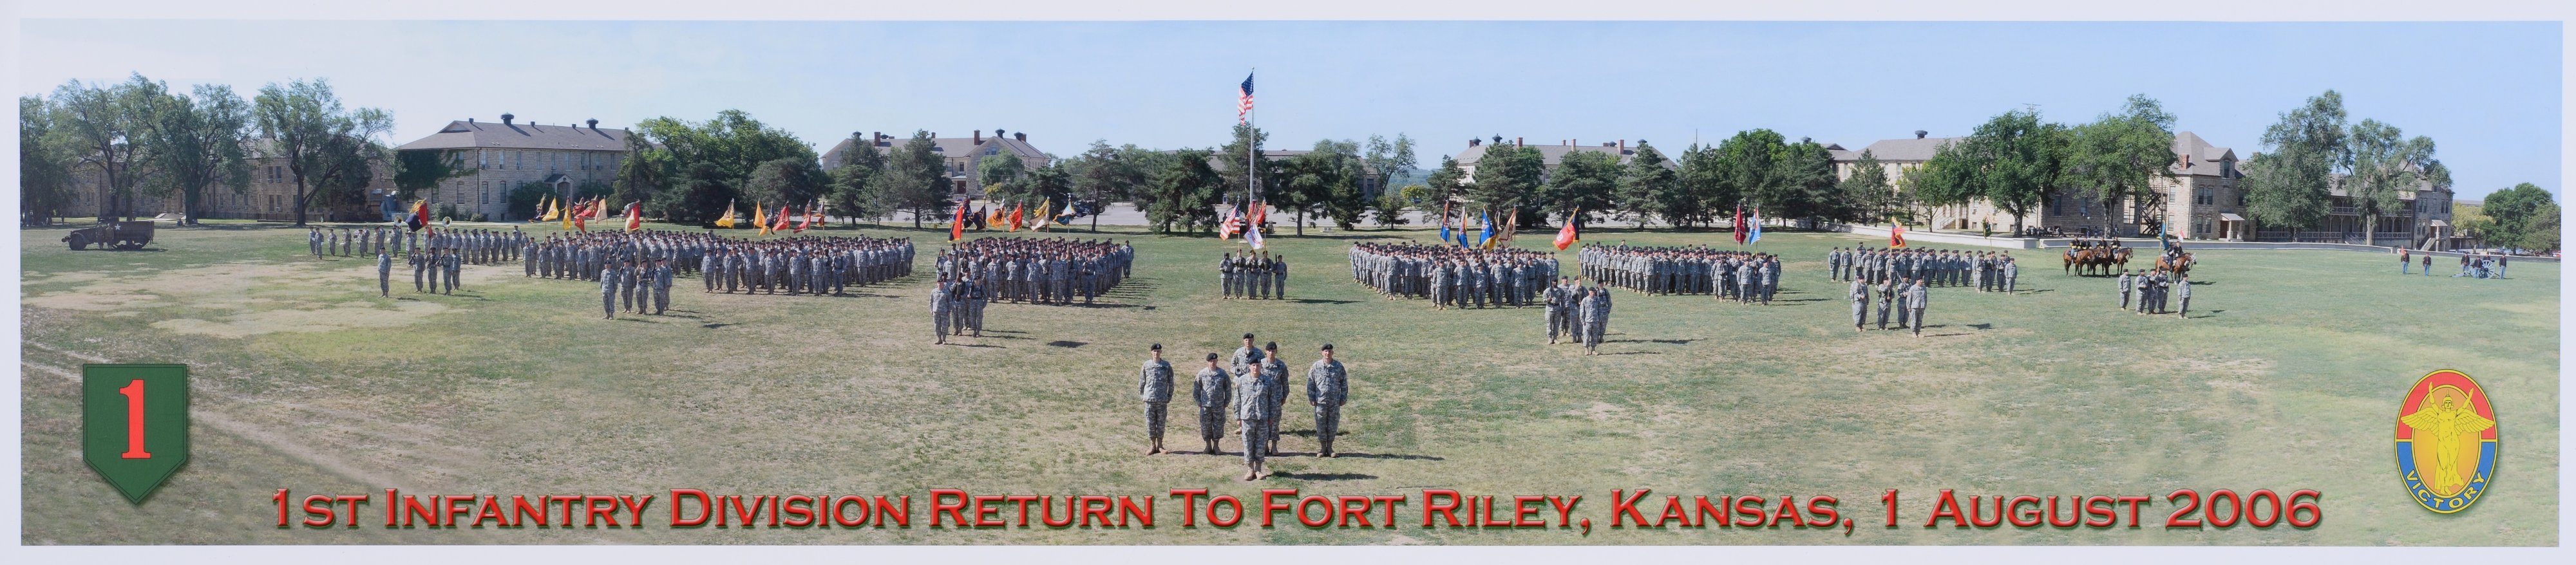 1st Infantry Division return to Fort Riley, Kansas